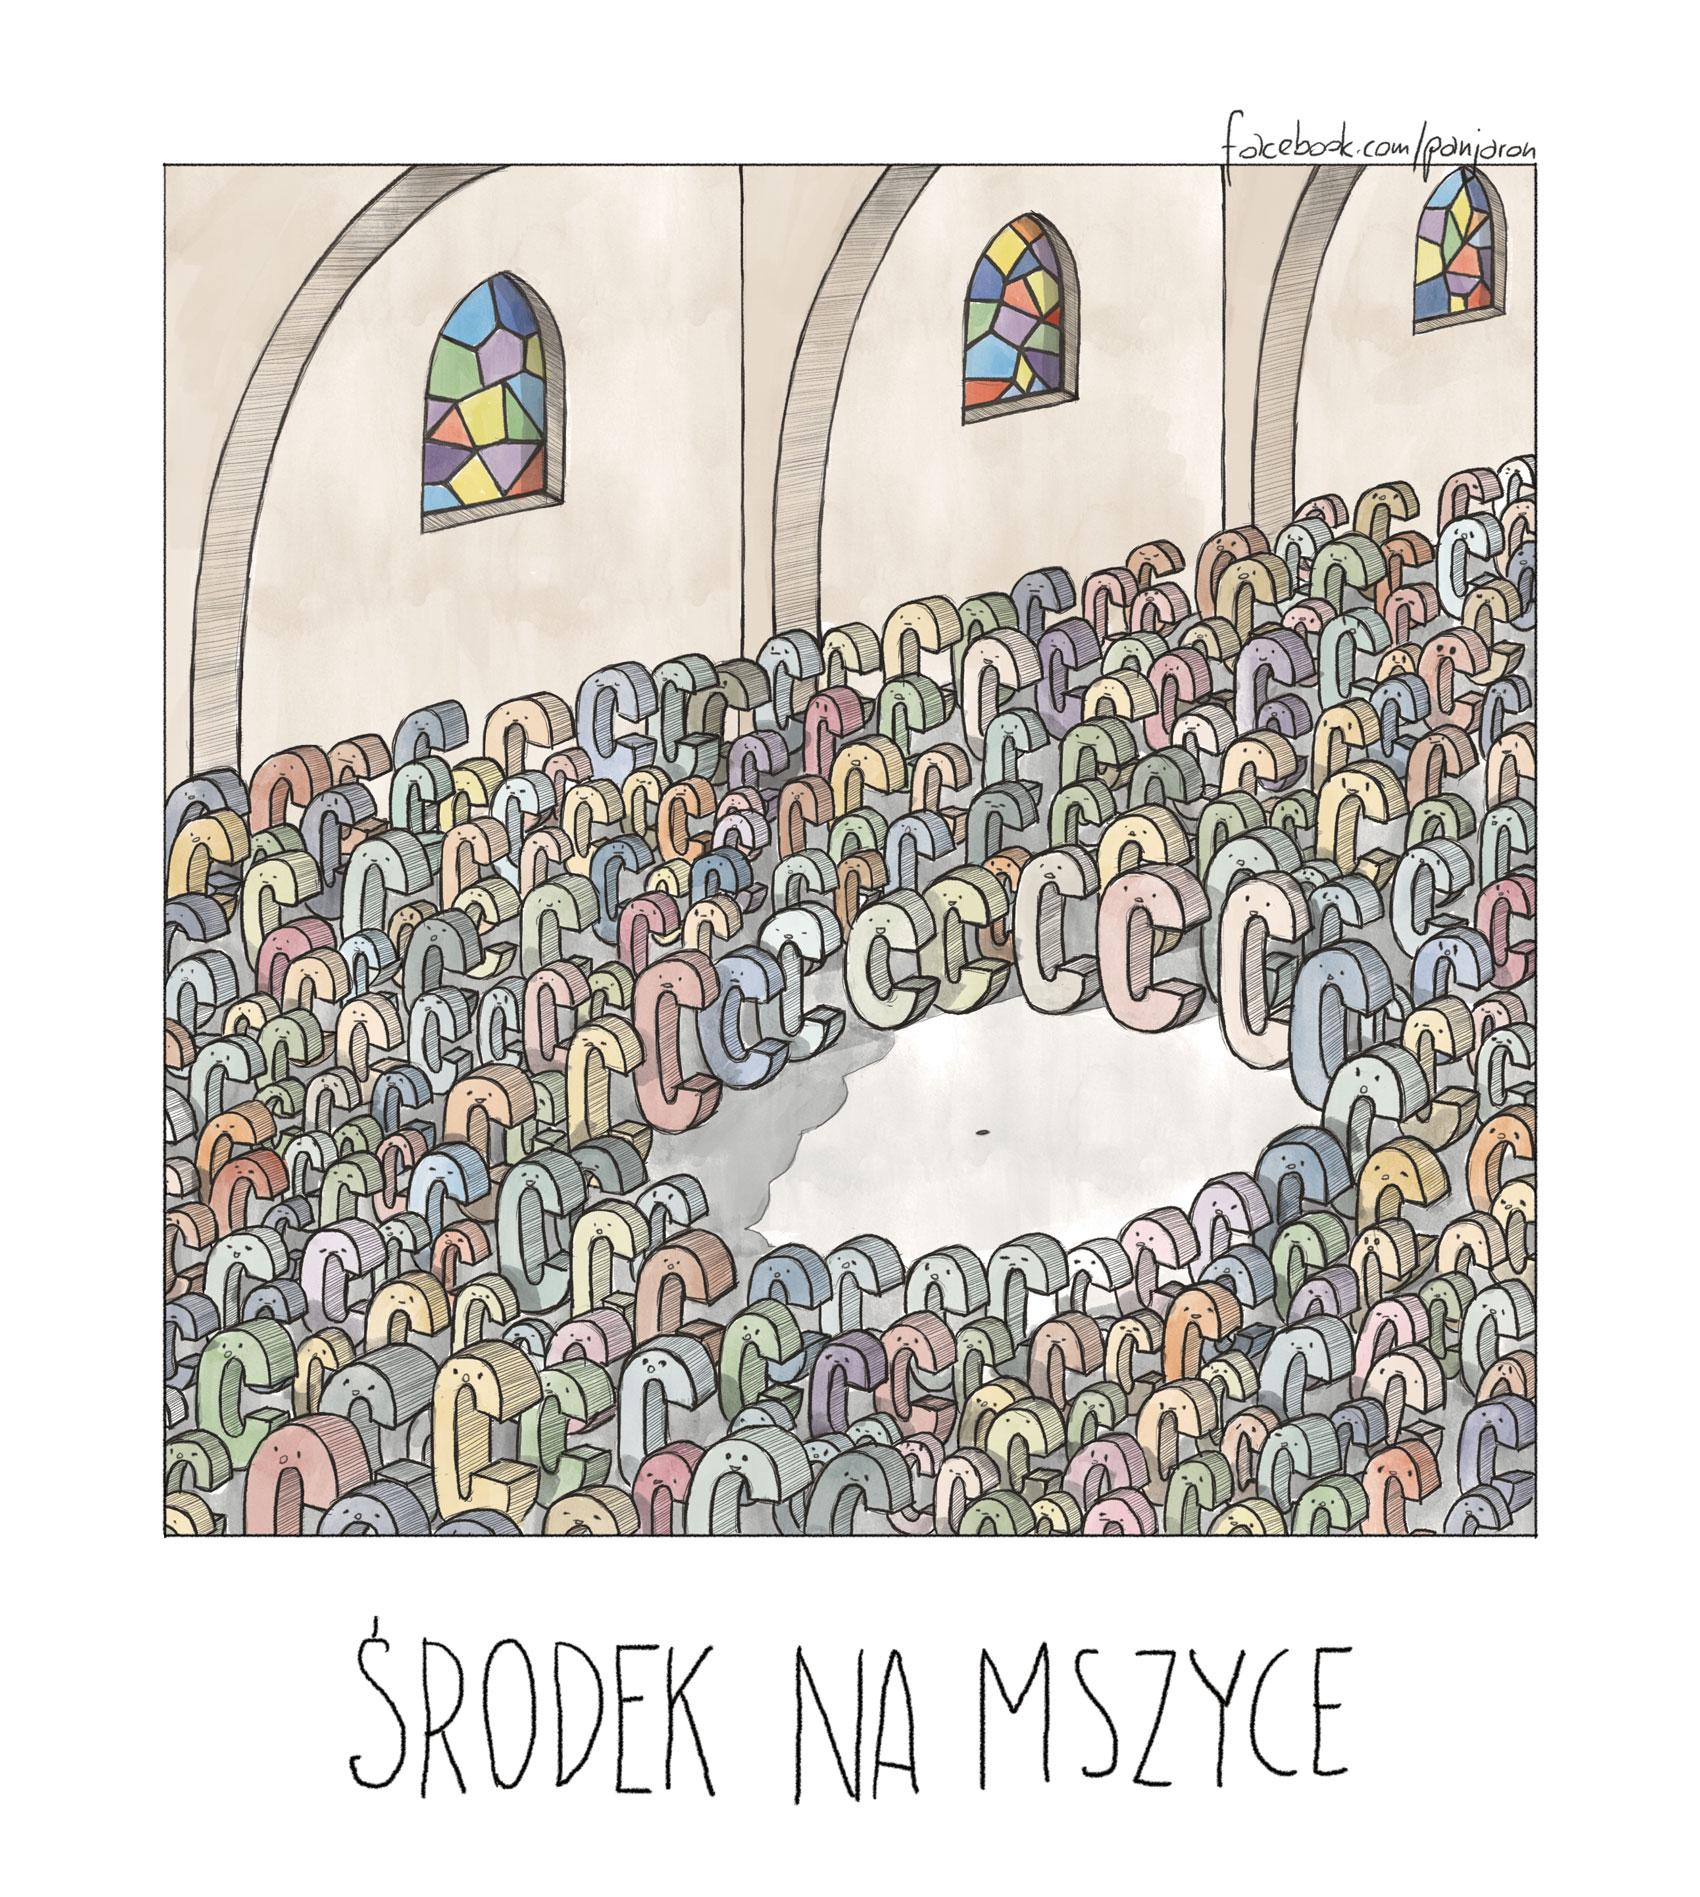 środek na mszyce - Jaroński rysownik